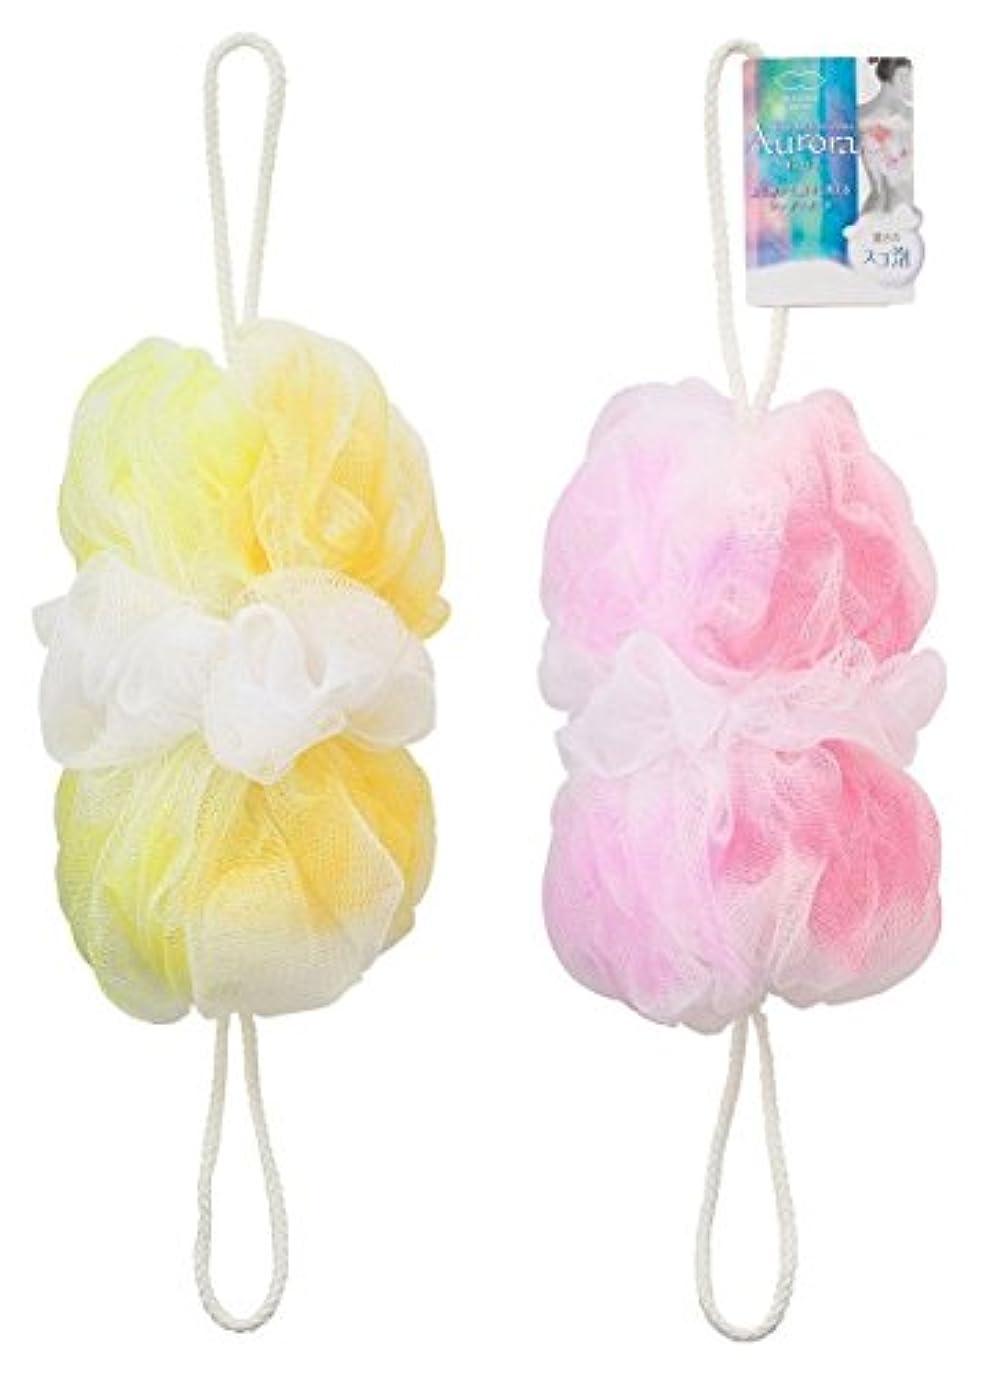 存在細胞とても多くのマーナ 背中も洗えるシャボンボールオーロラ2色セット(P&Y)